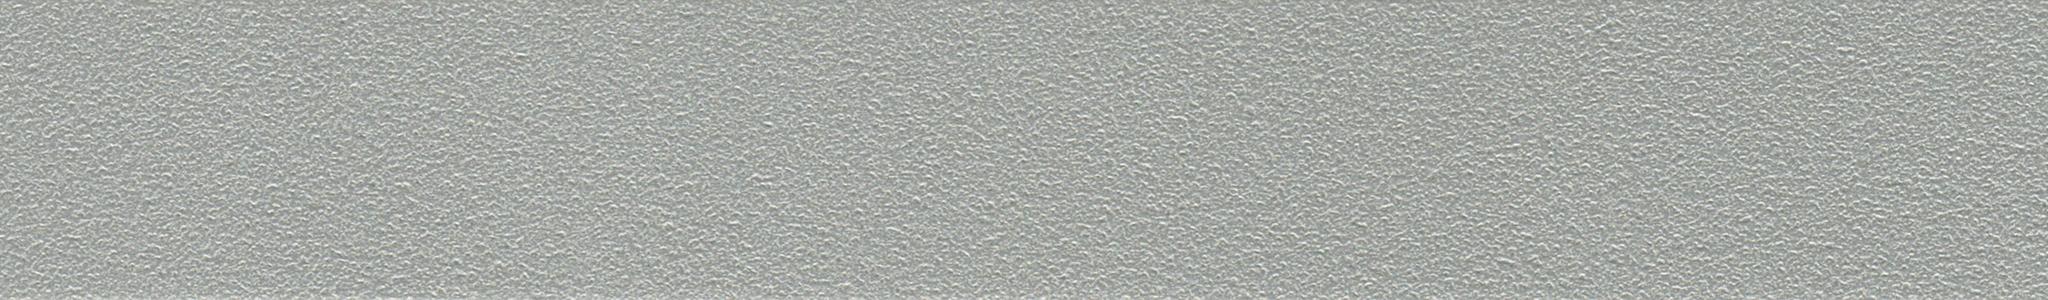 HD 29488 ABS Edge Quarz Cubanit Pearl